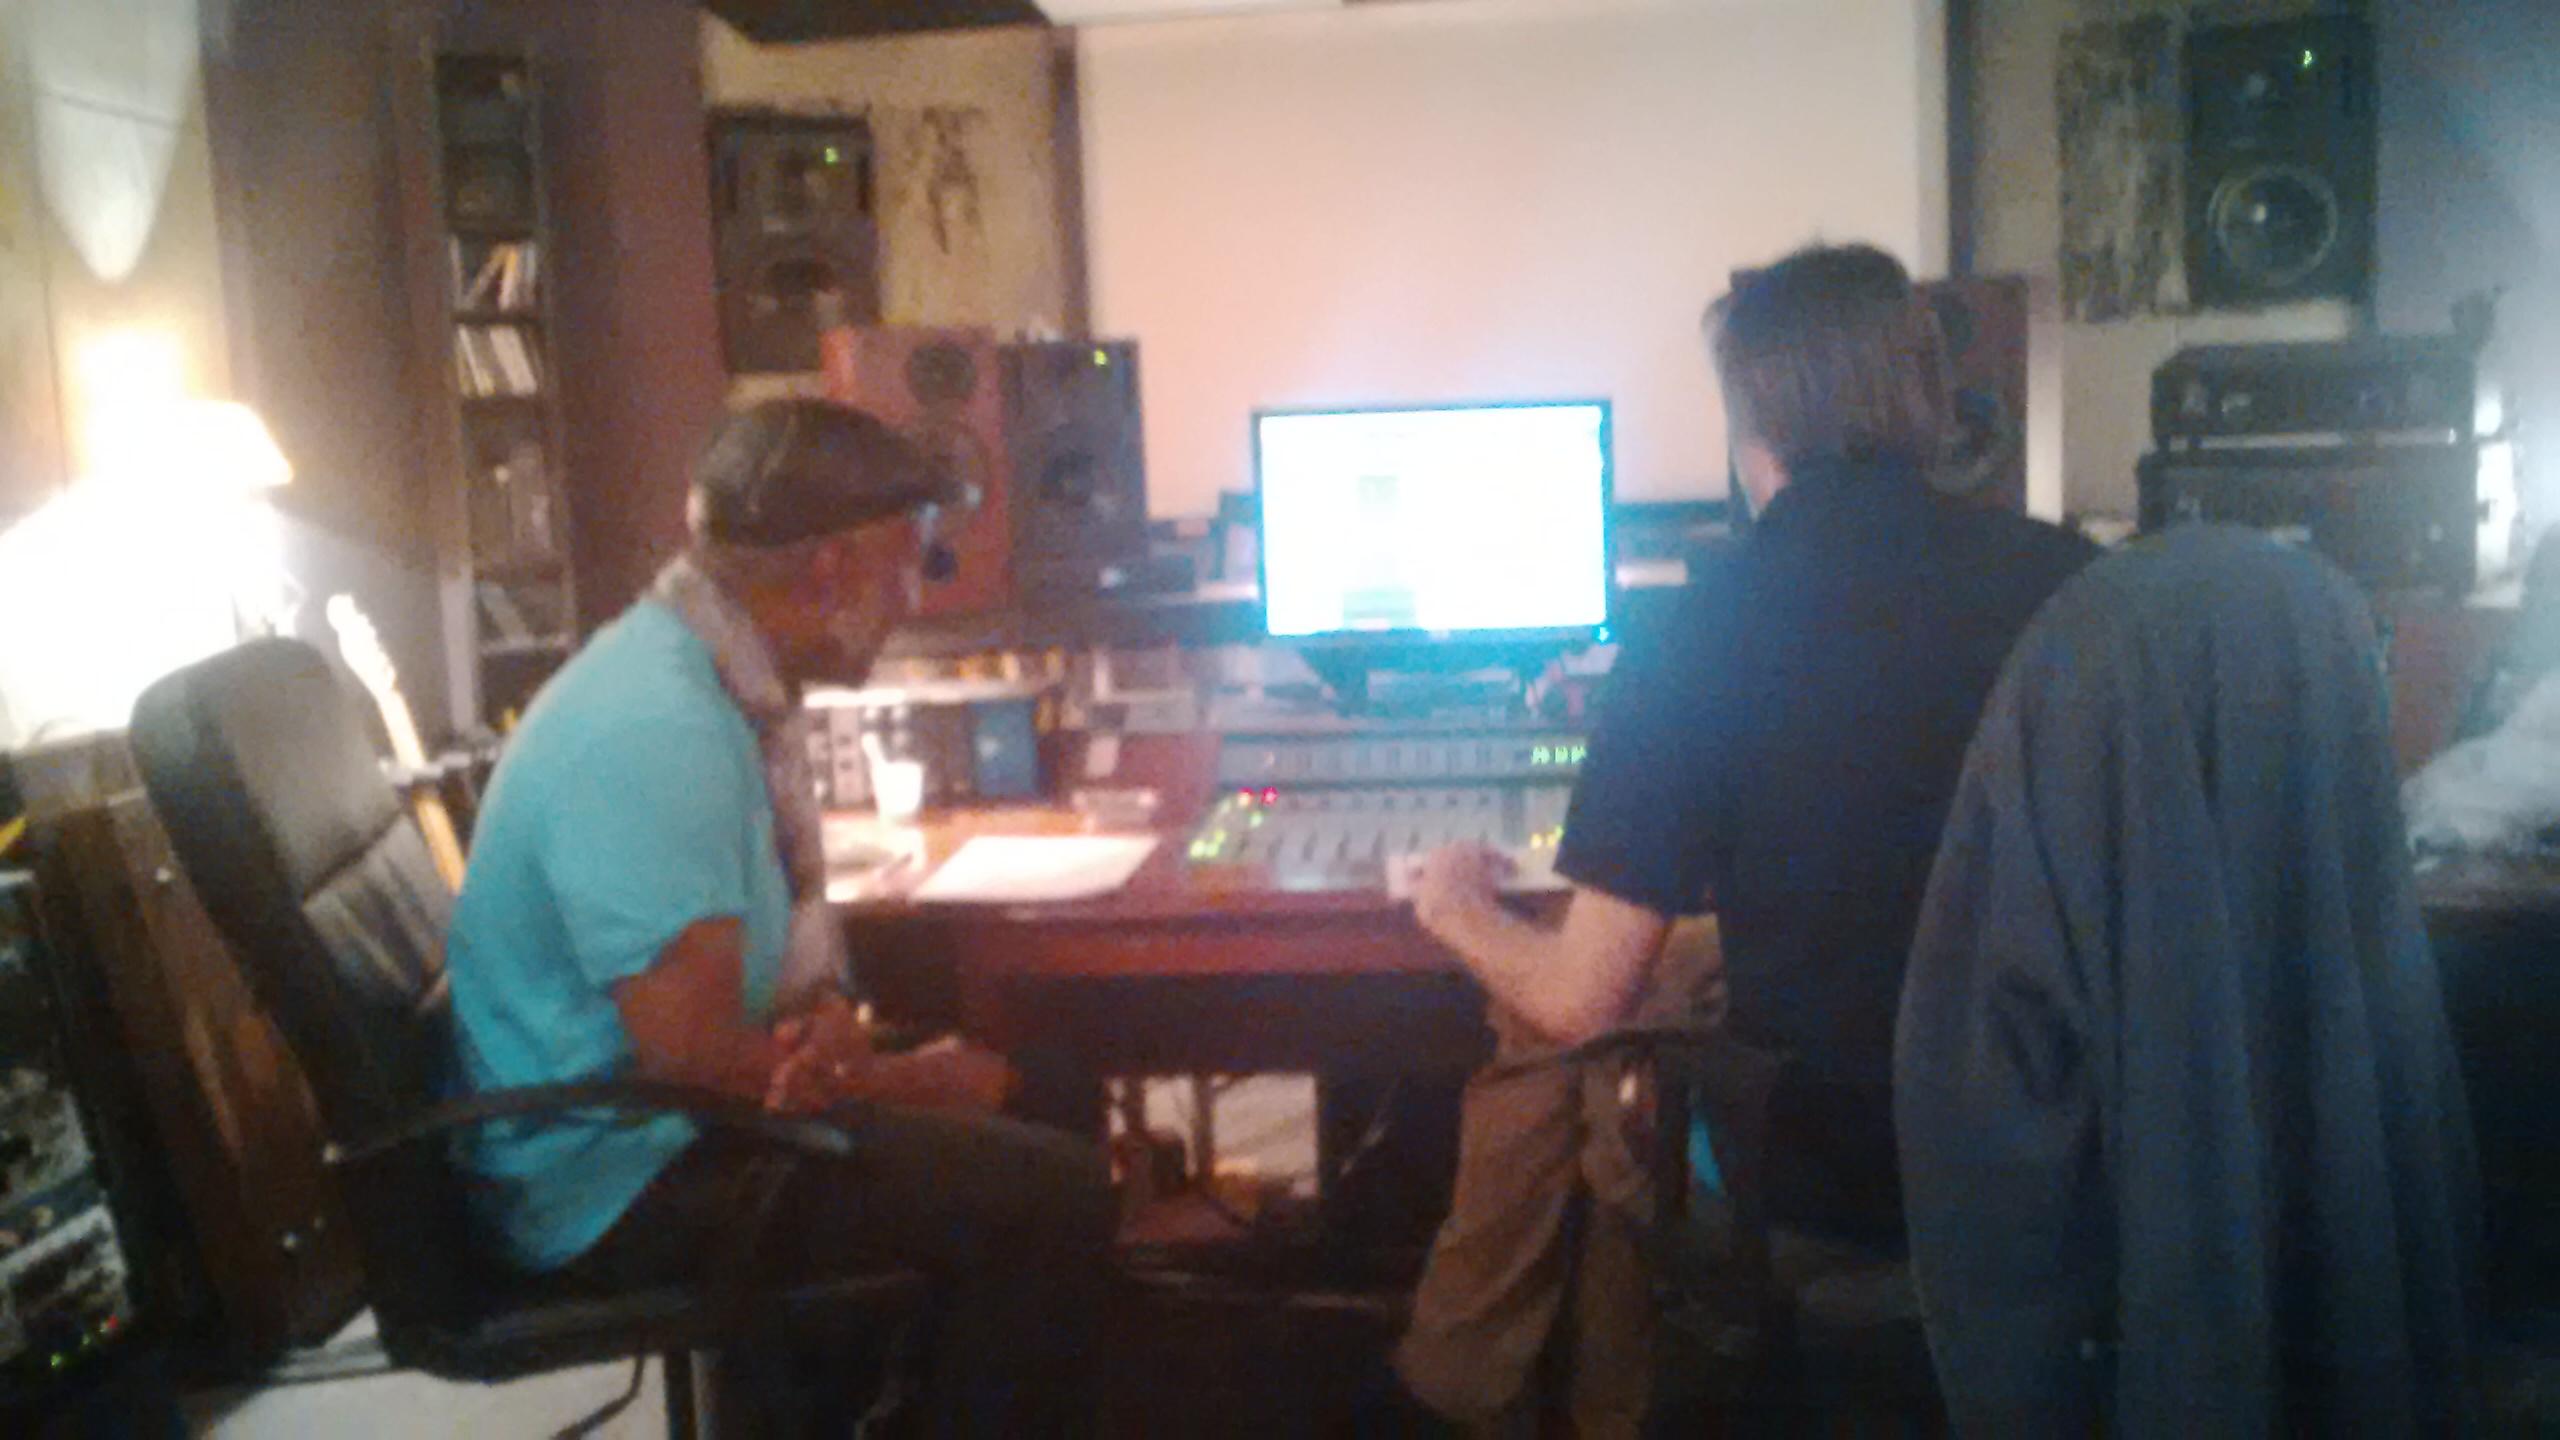 Freddy et Cle?ment, Studio Da vout juillet 2015,  Paris